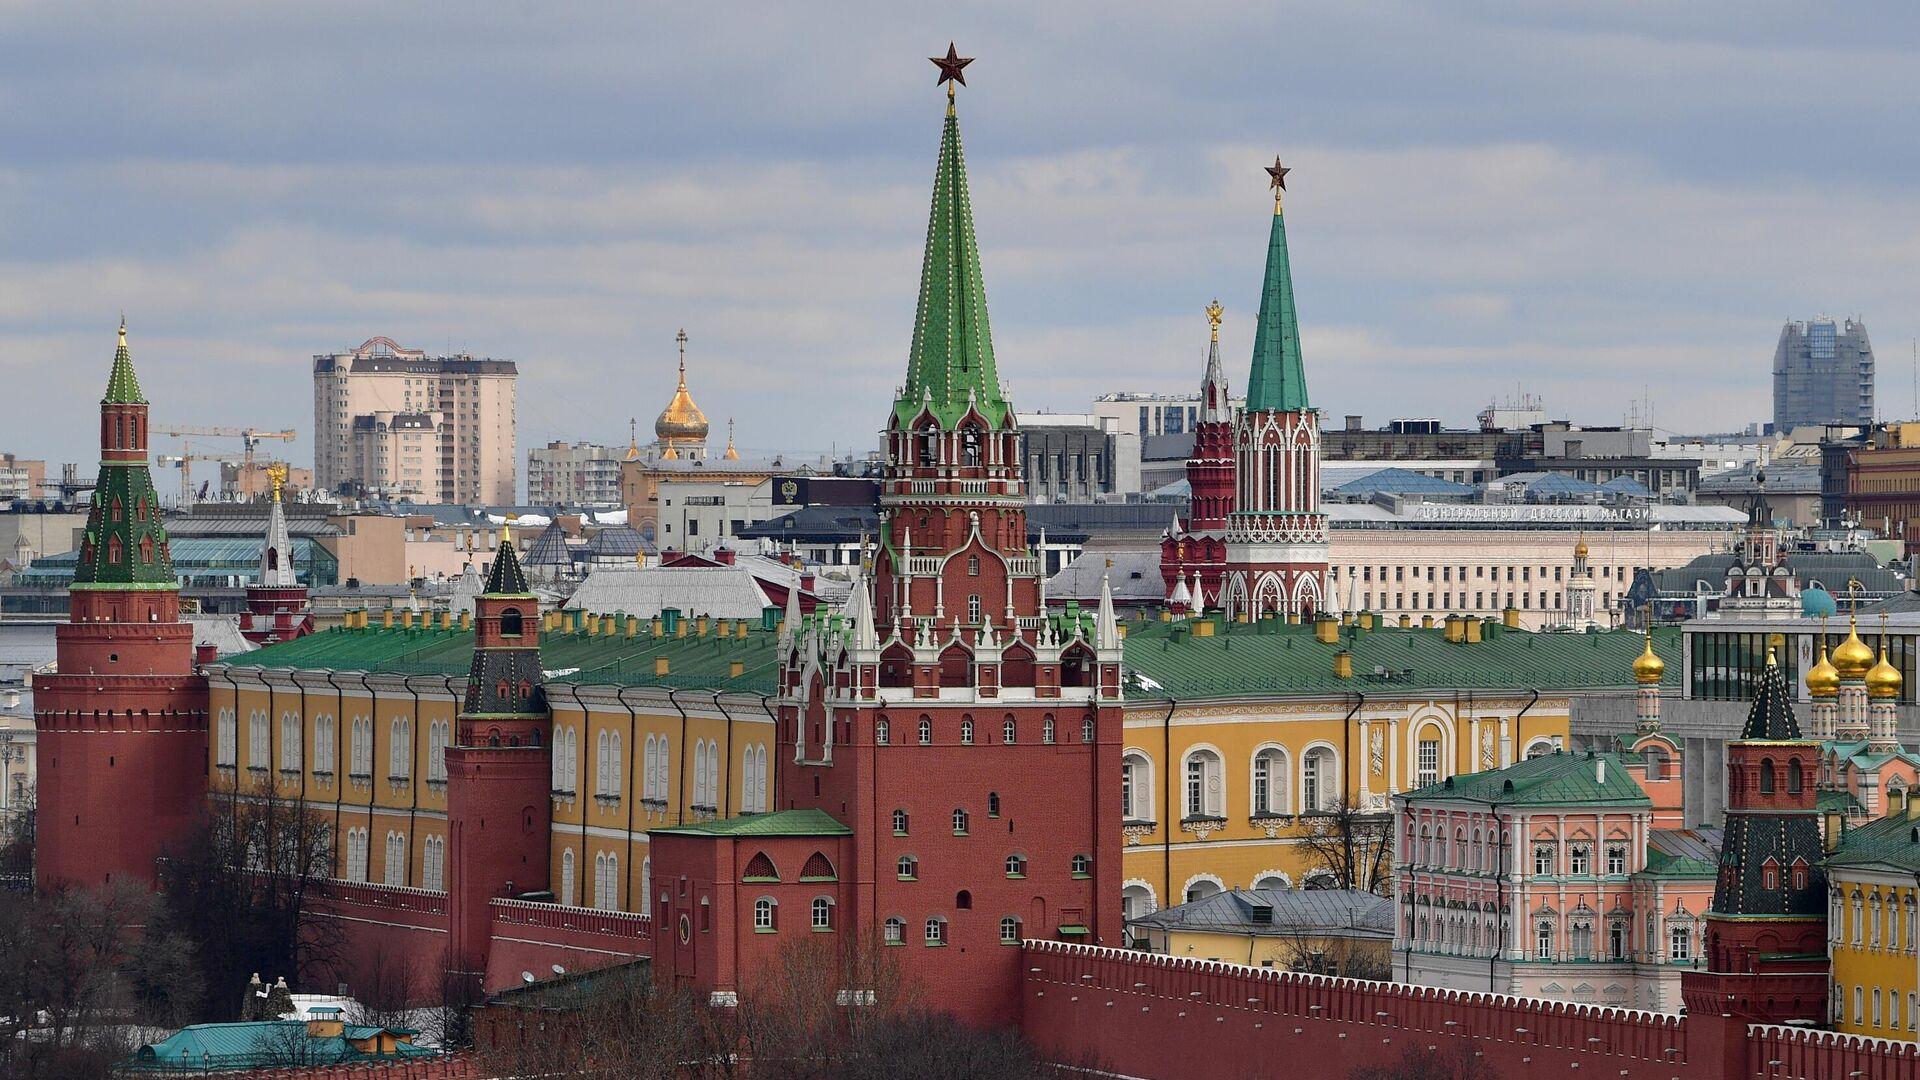 Вид на башни Московского Кремля  - РИА Новости, 1920, 18.04.2021